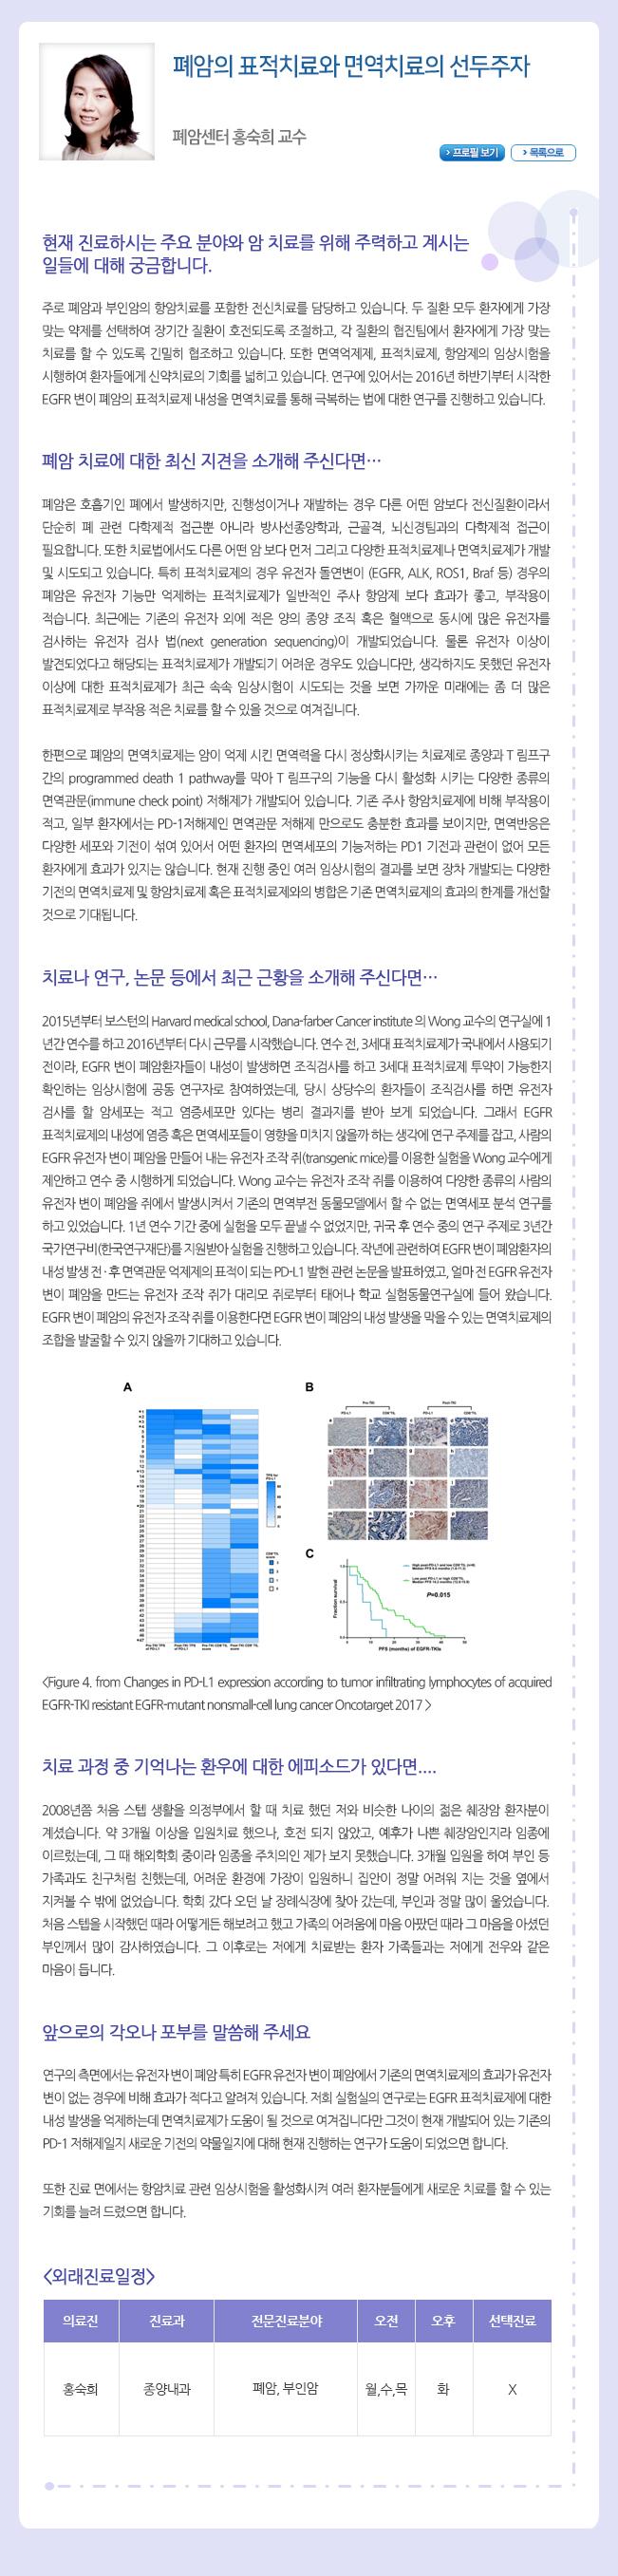 """""""폐암의 표적치료와 면역치료의 선두주자 홍숙희 교수"""